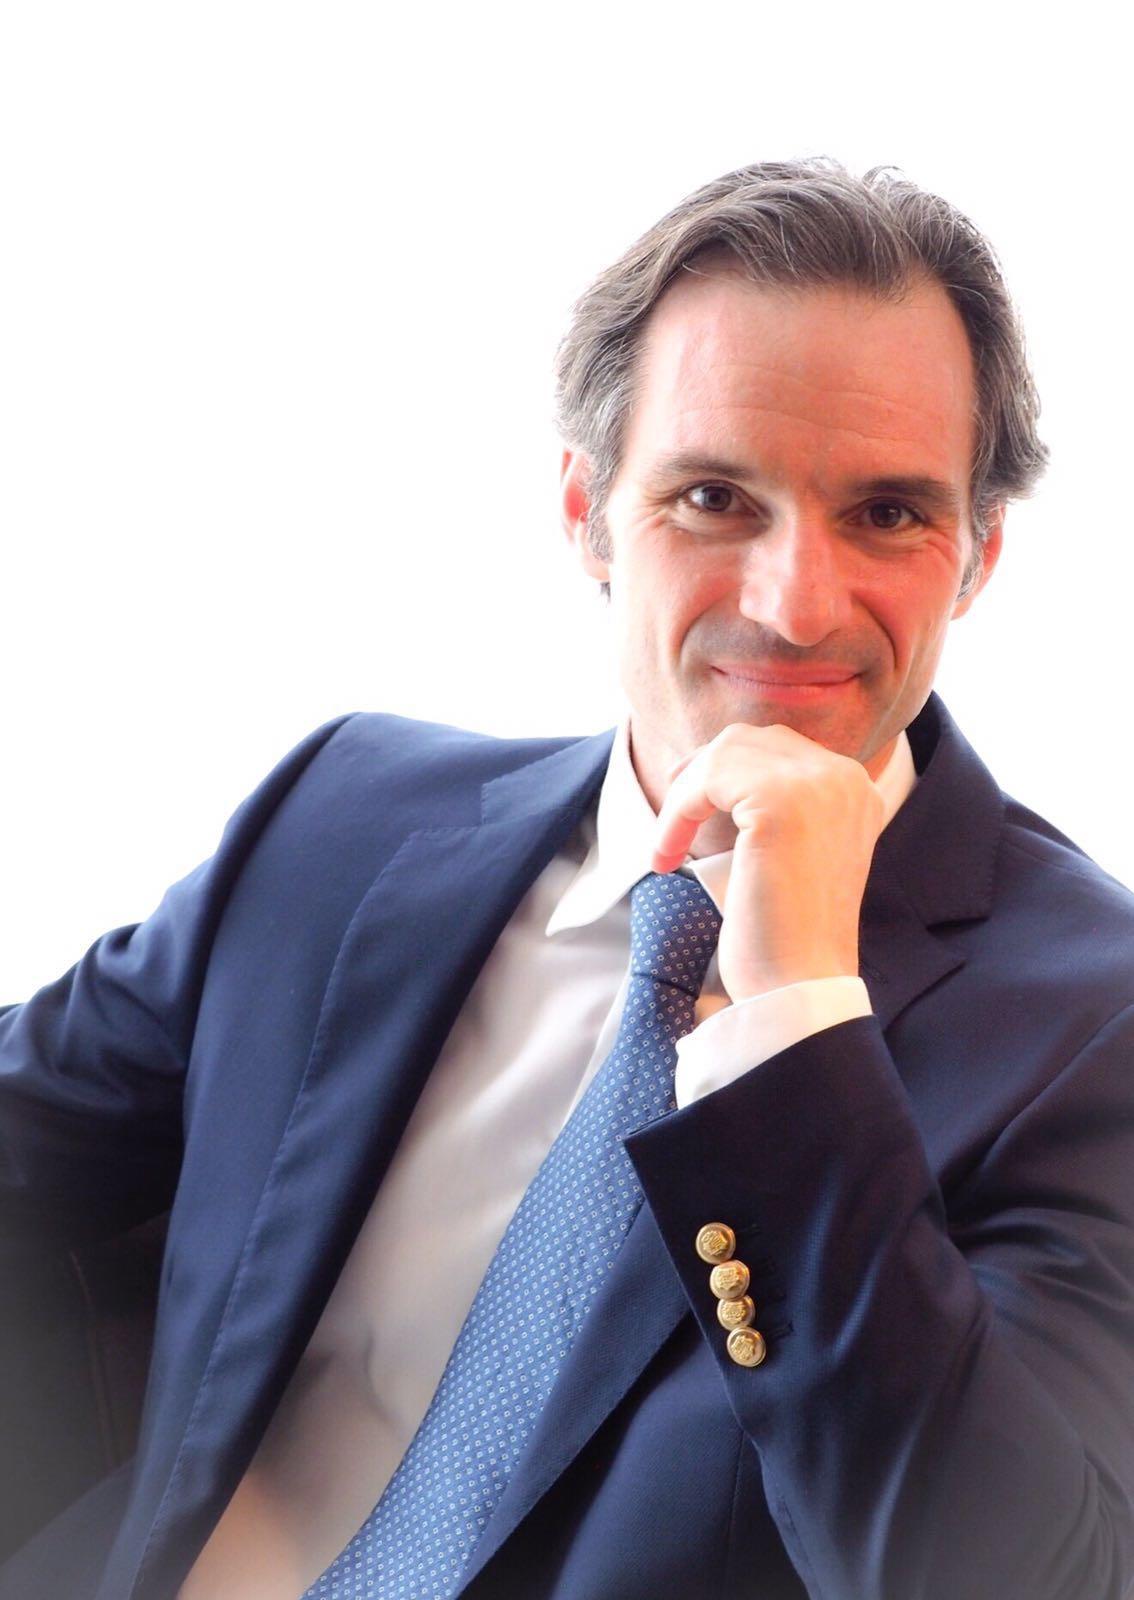 Get To Know: Sylvain Lejeune, WatchGuard Technologies